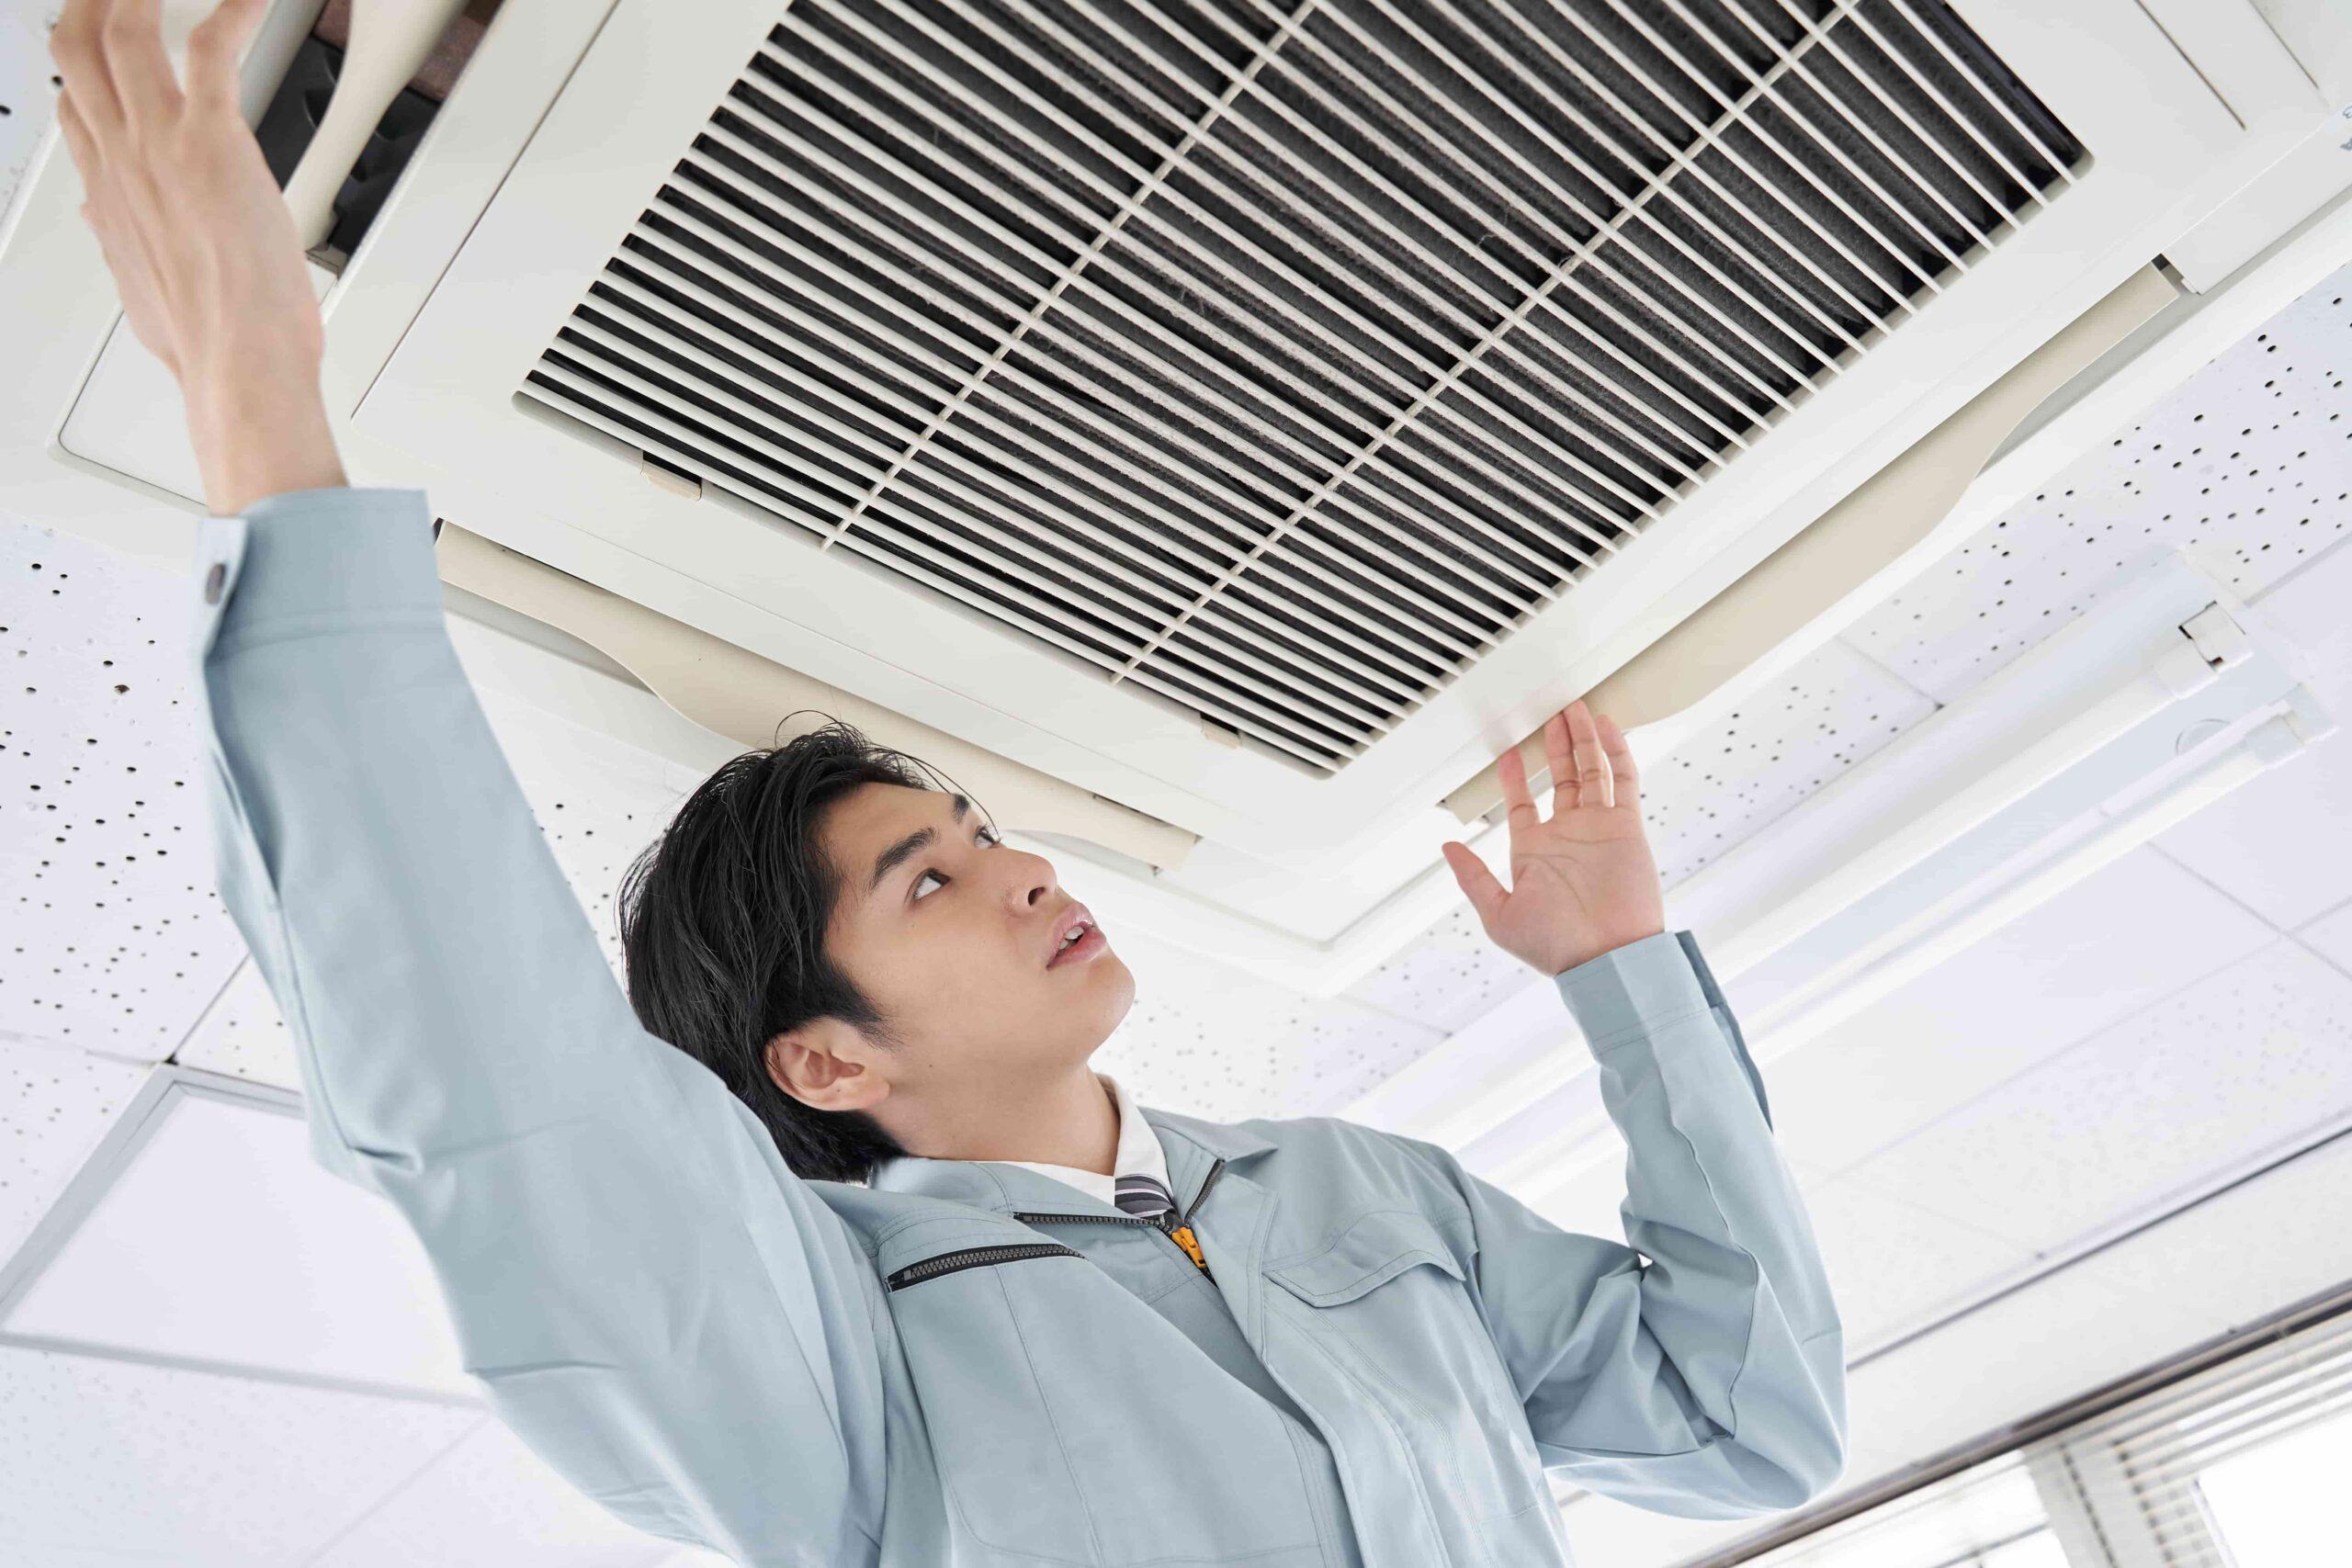 業務用エアコンは頻繁に壊れやすい?